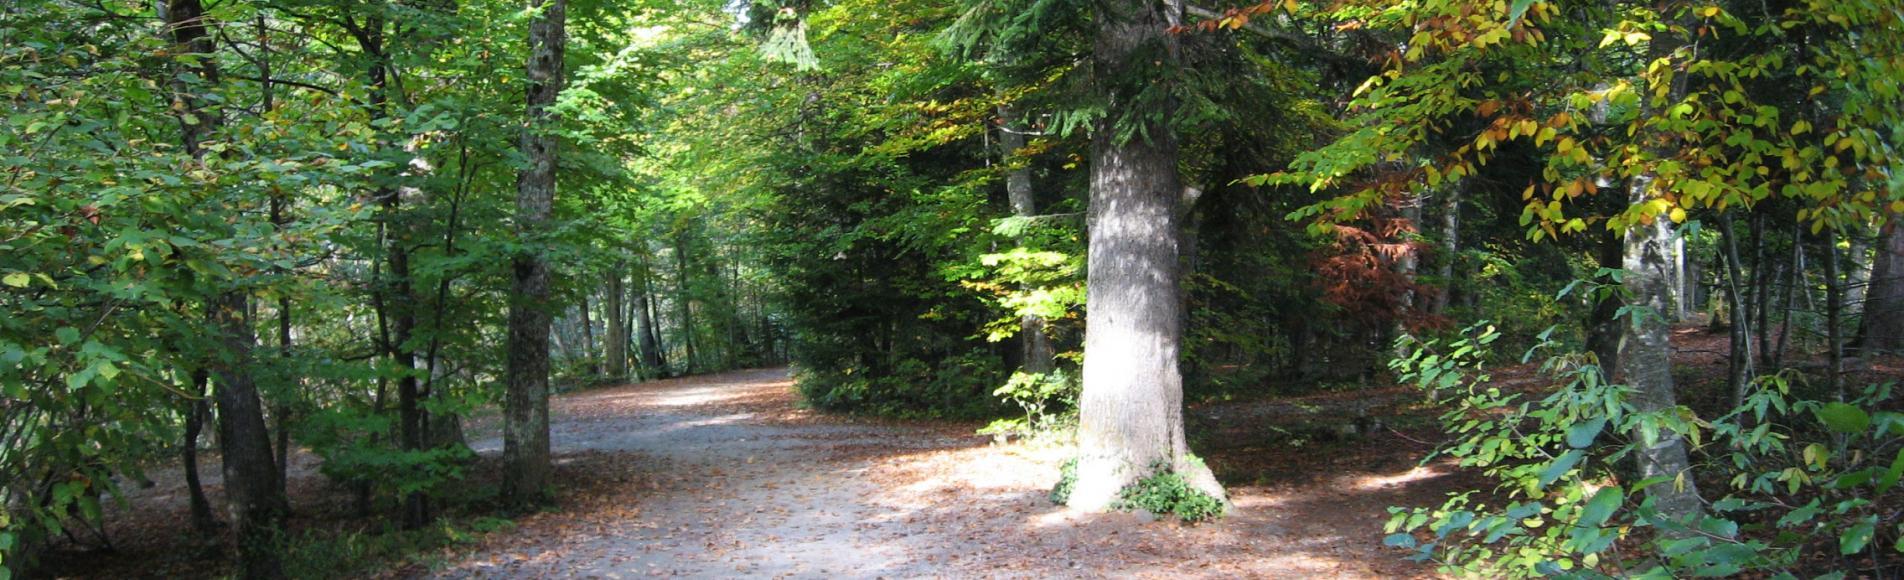 Domaine de Charance à l'automne © Hélène Belmonte - Parc national des Ecrins